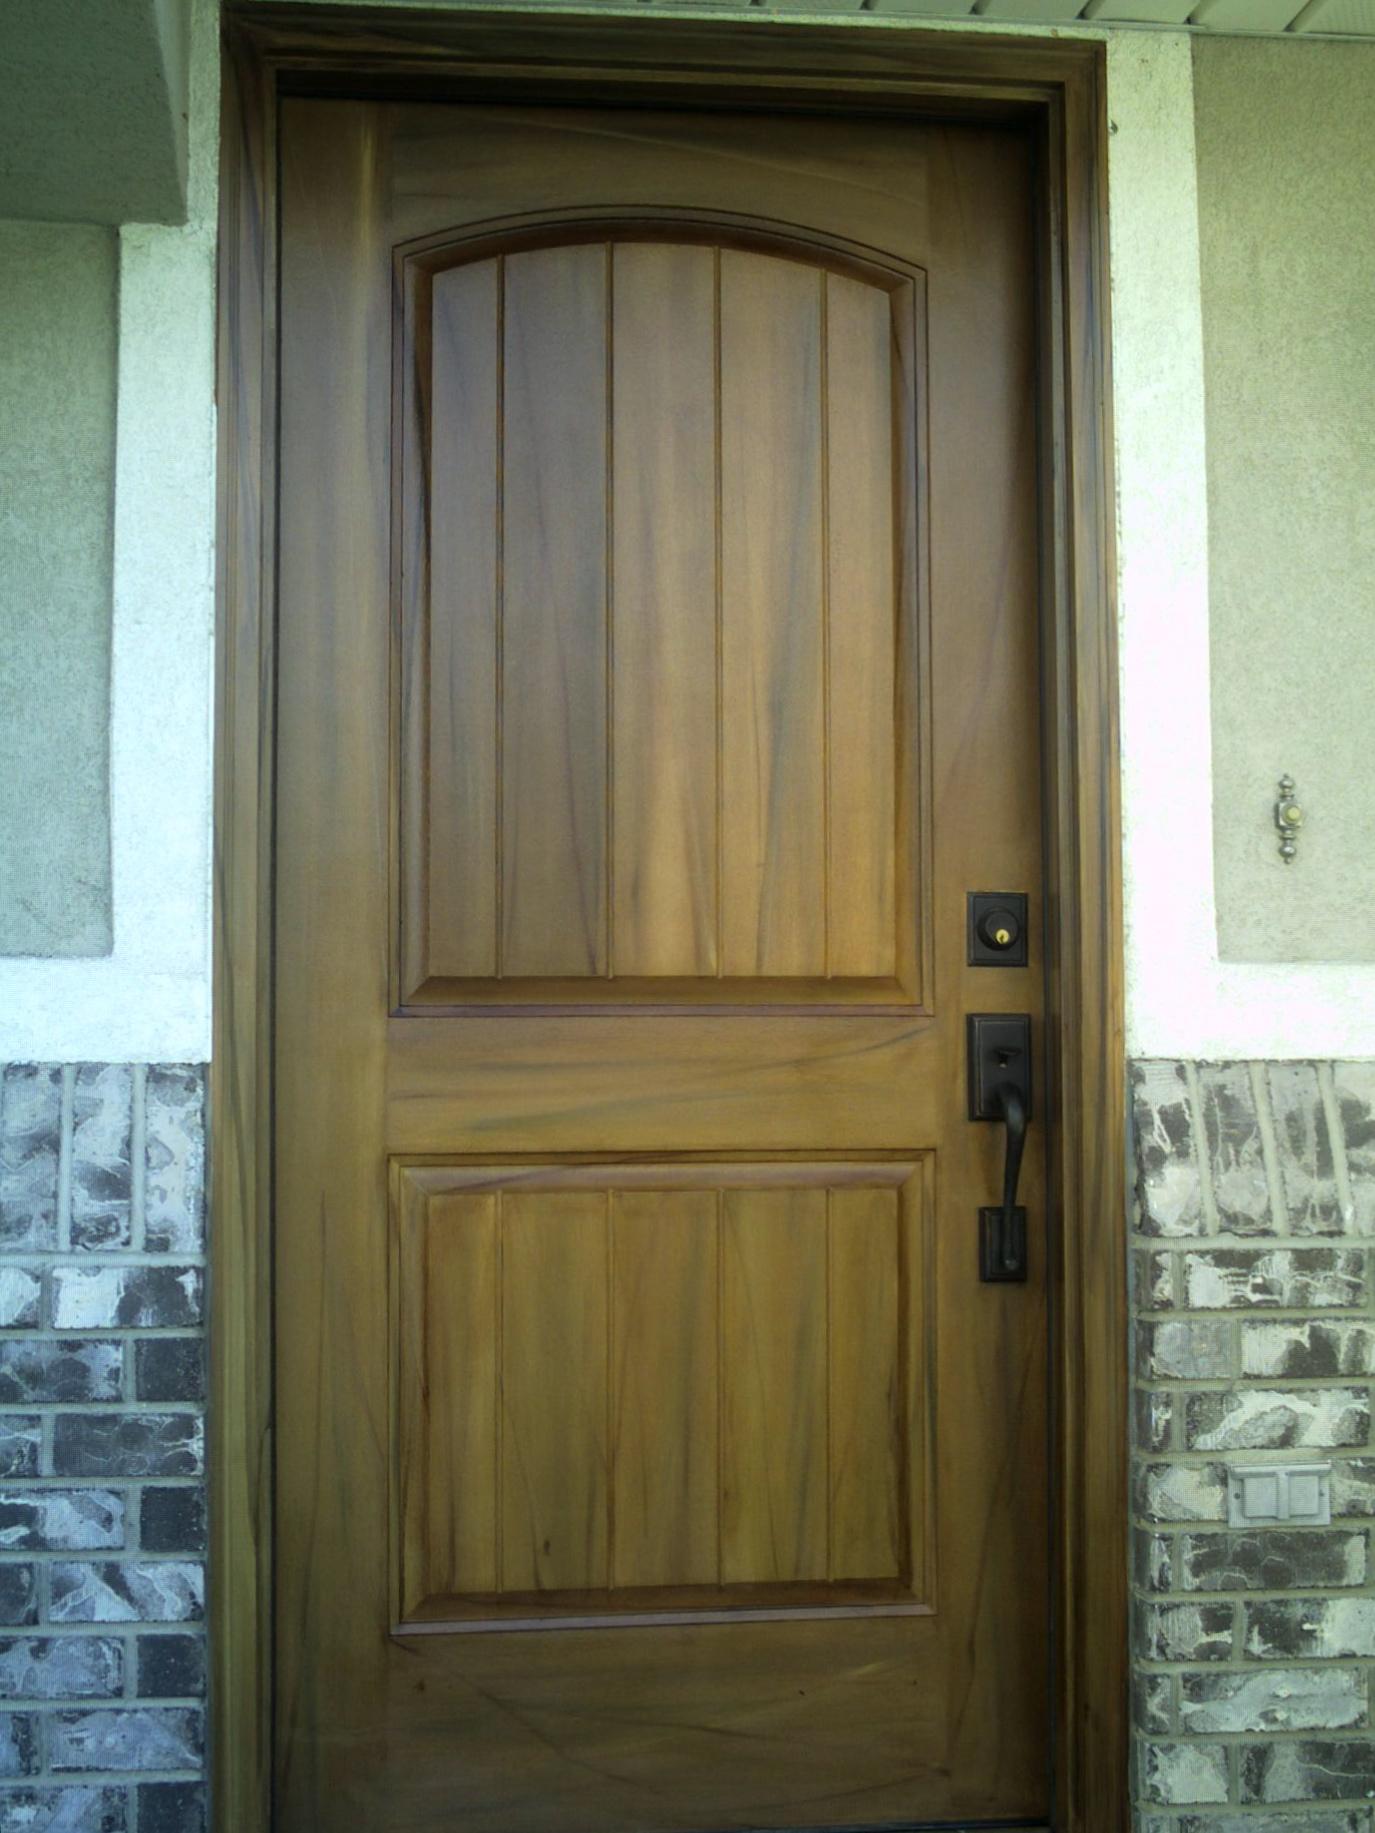 woodgrained walnut/fruitwood front door